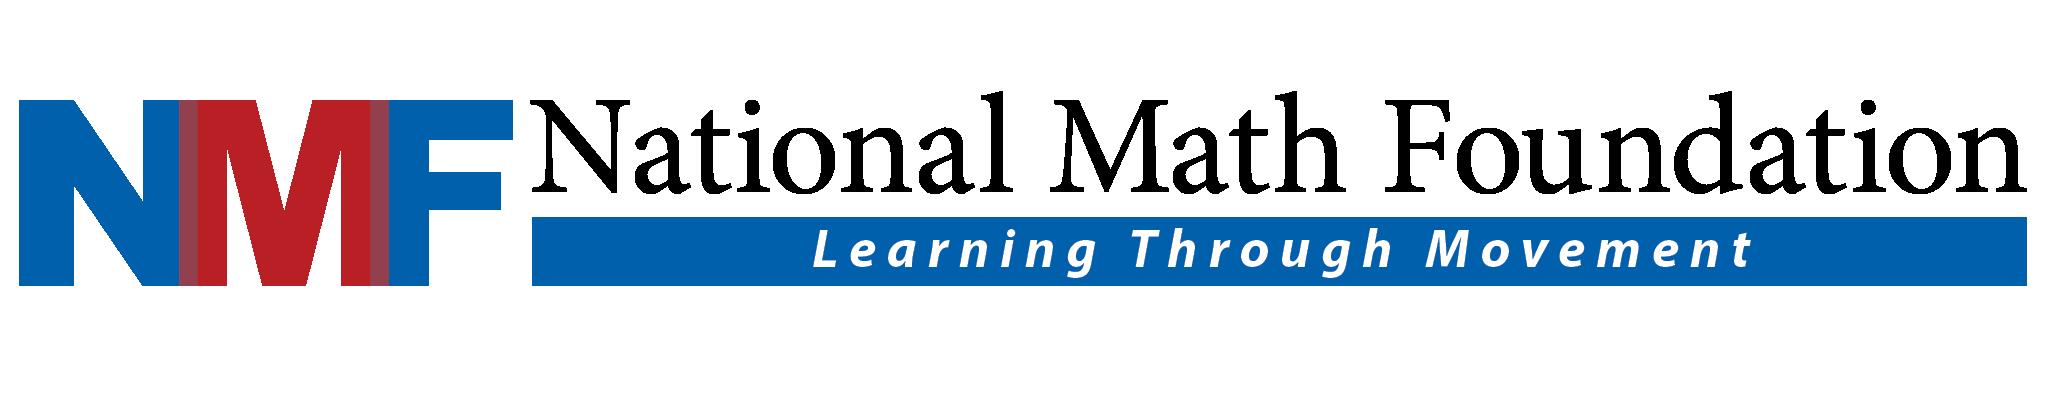 nmf logo.png